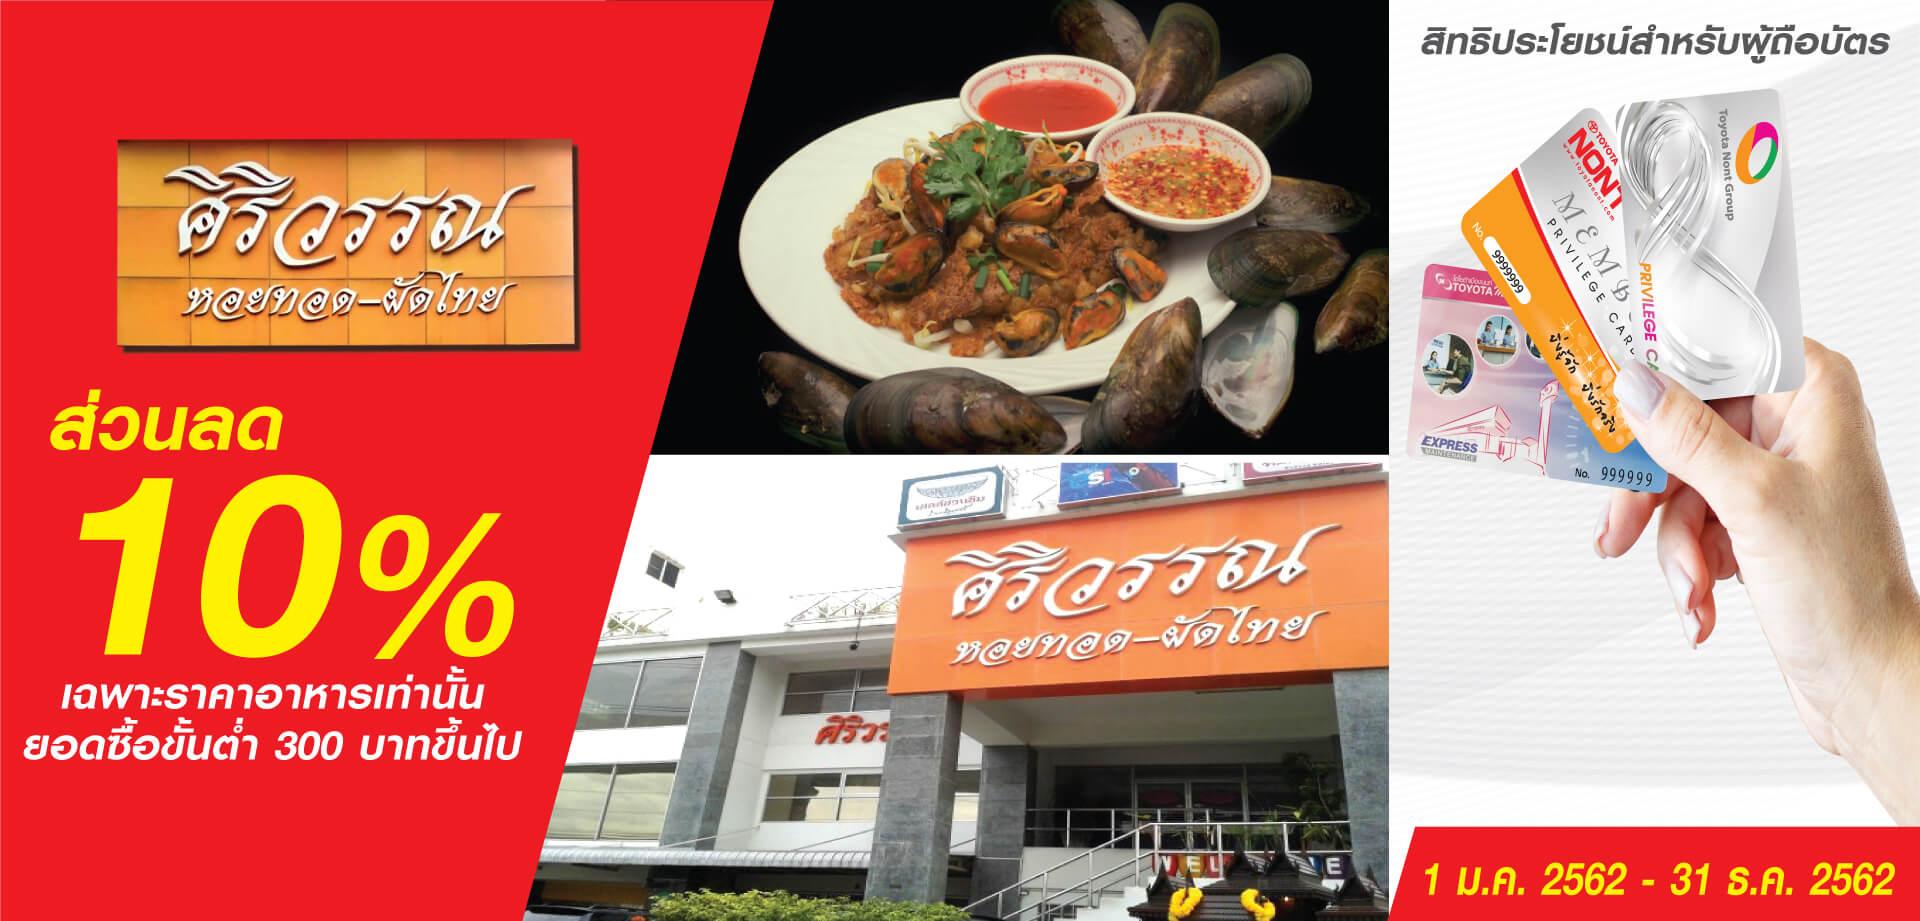 ศิริวรรณ หอยทอด -ผัดไทย